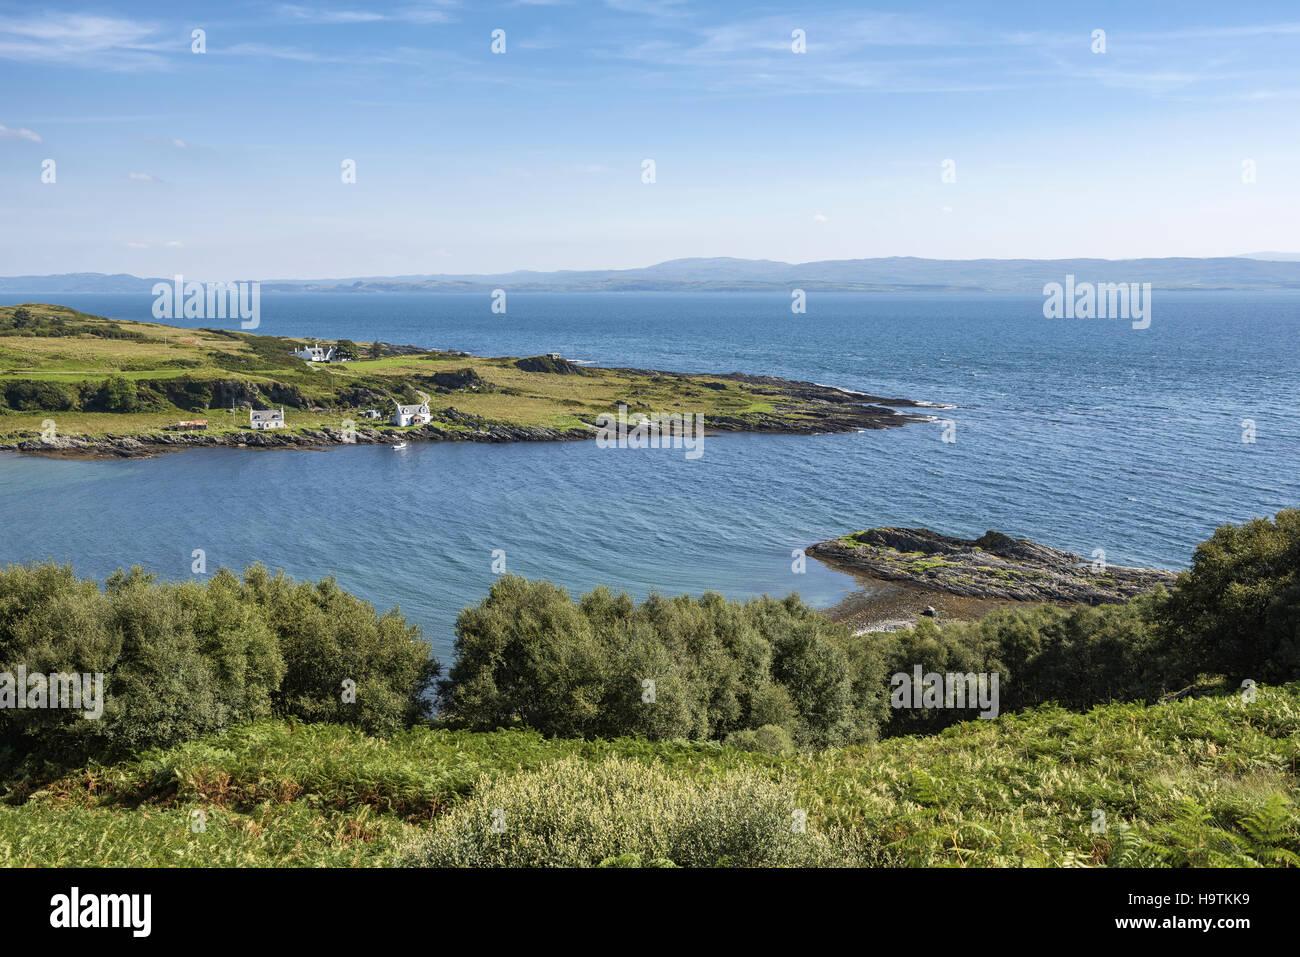 Vue sur la baie Tarbert, Isle of Jura, Hébrides intérieures, Ecosse, Royaume-Uni Banque D'Images